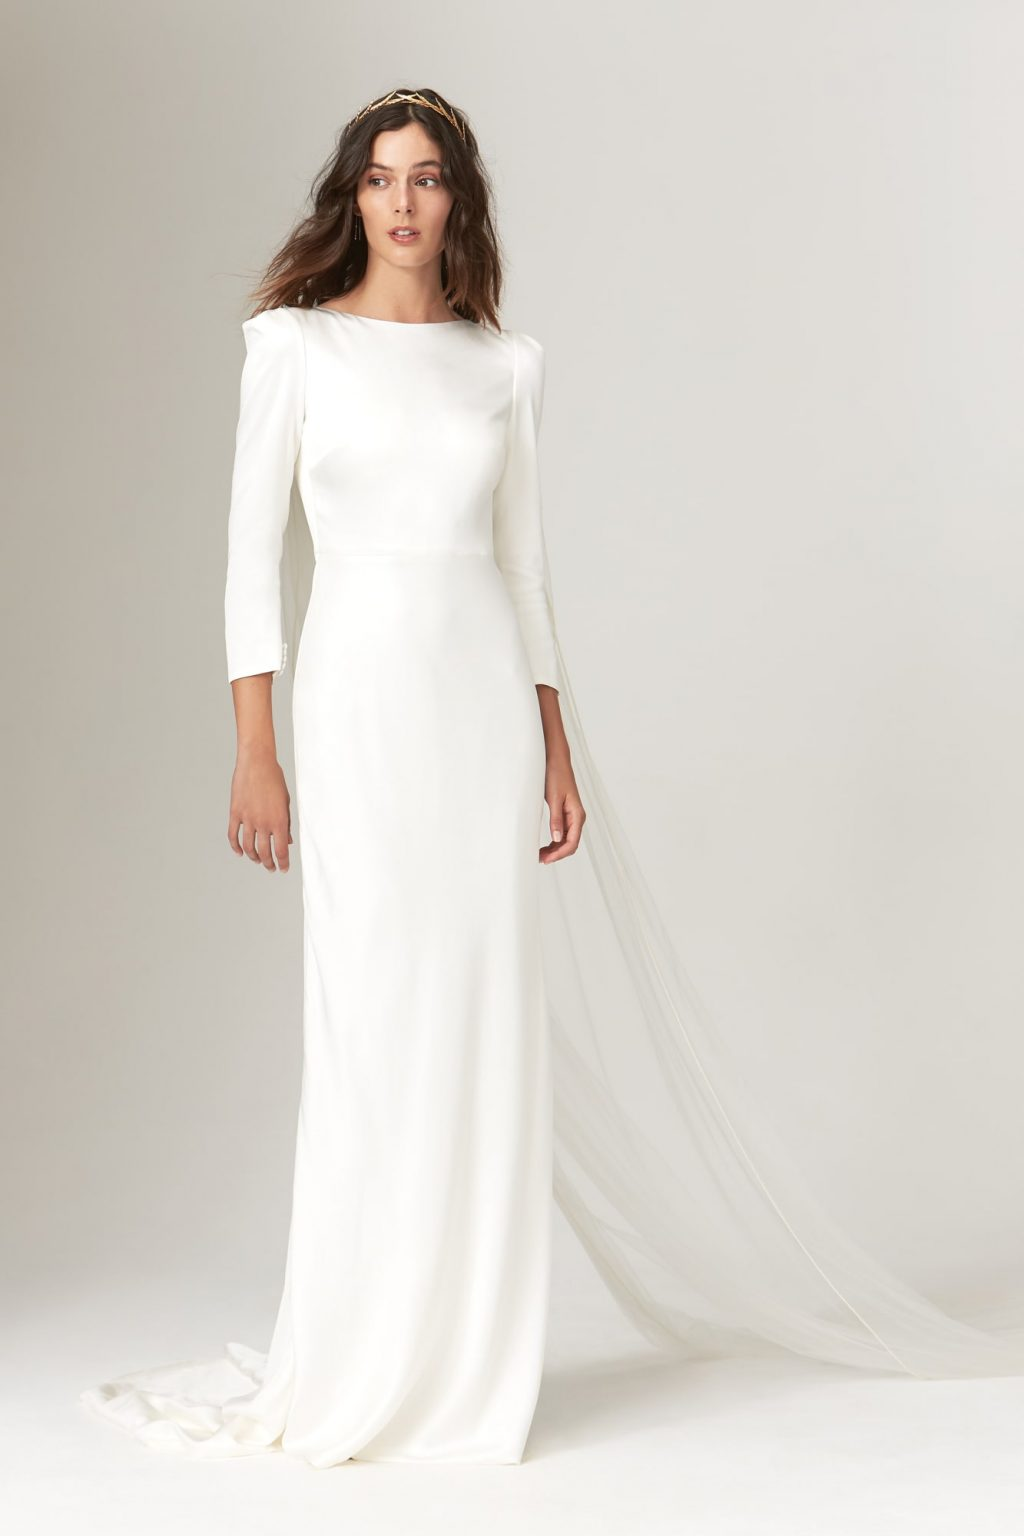 Xu hướng thời trang cưới lấy cảm hứng từ váy cưới của Chiara Ferragni và Meghan Markle 15